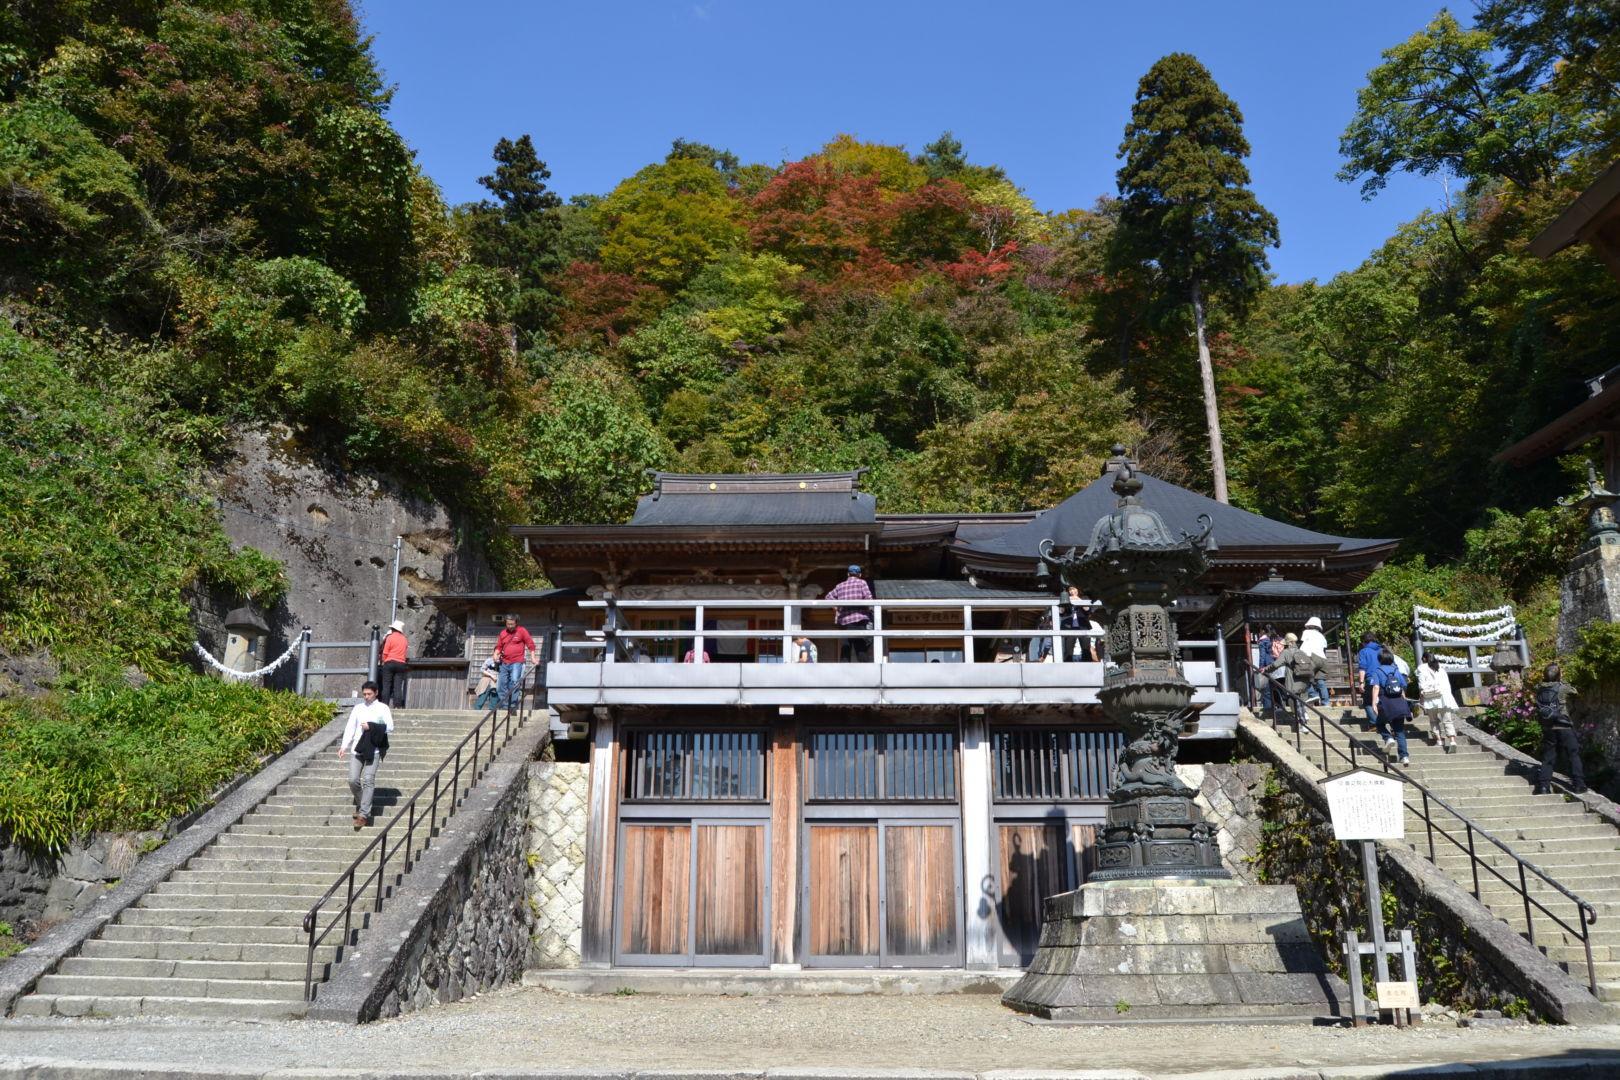 tempio yamadera yamagata come arrivare matsuo basho